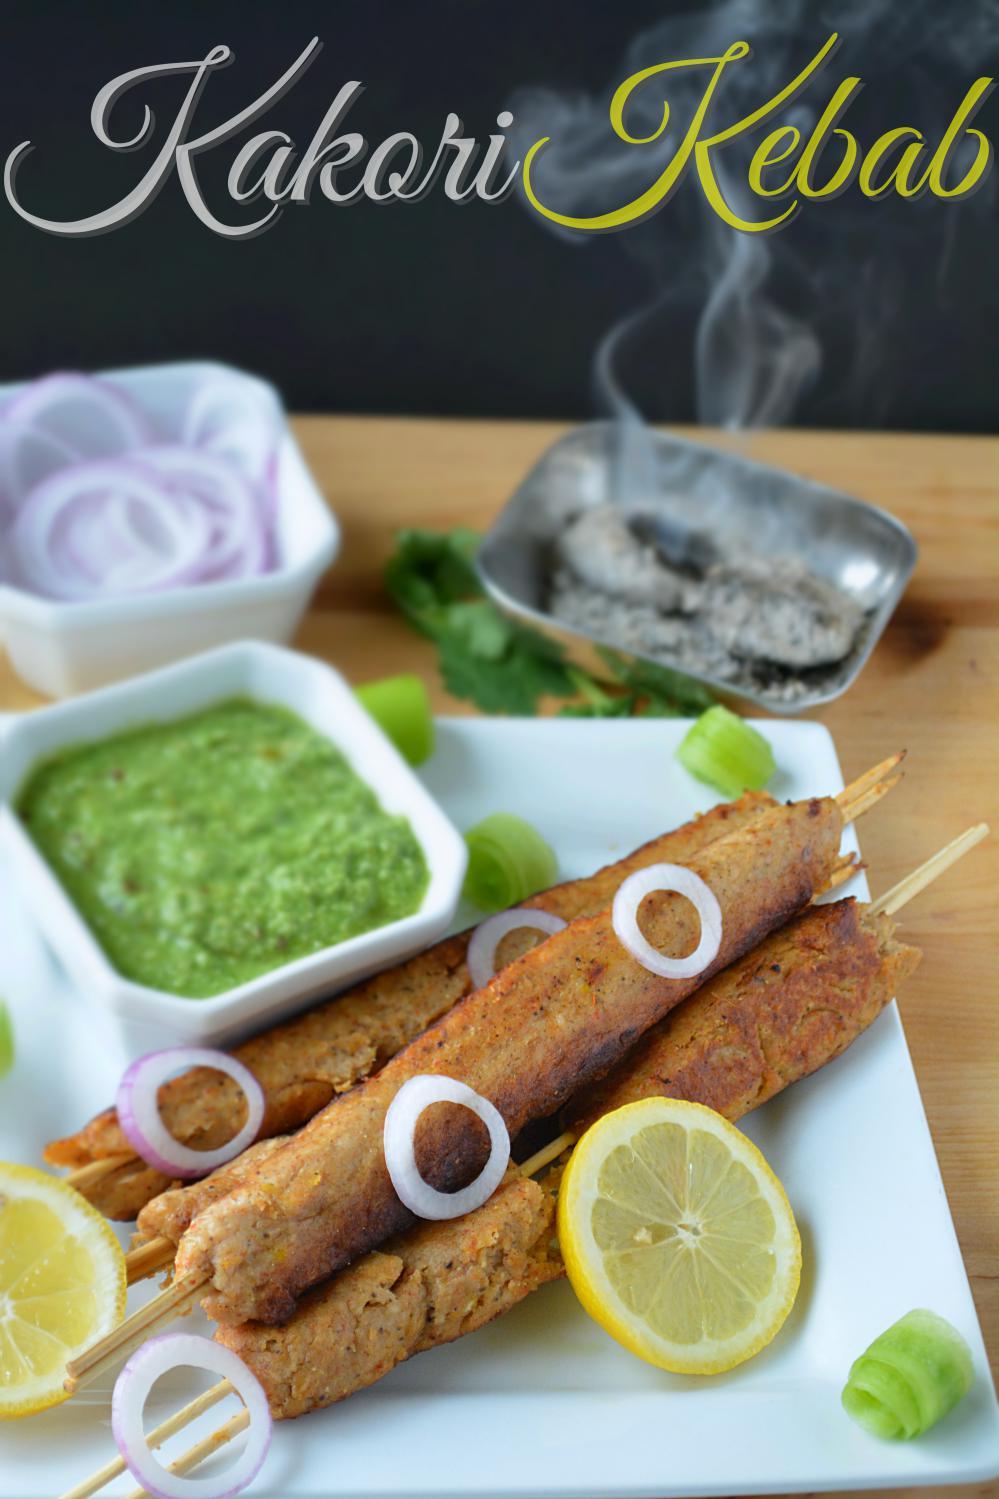 Kakori Kebab recipe